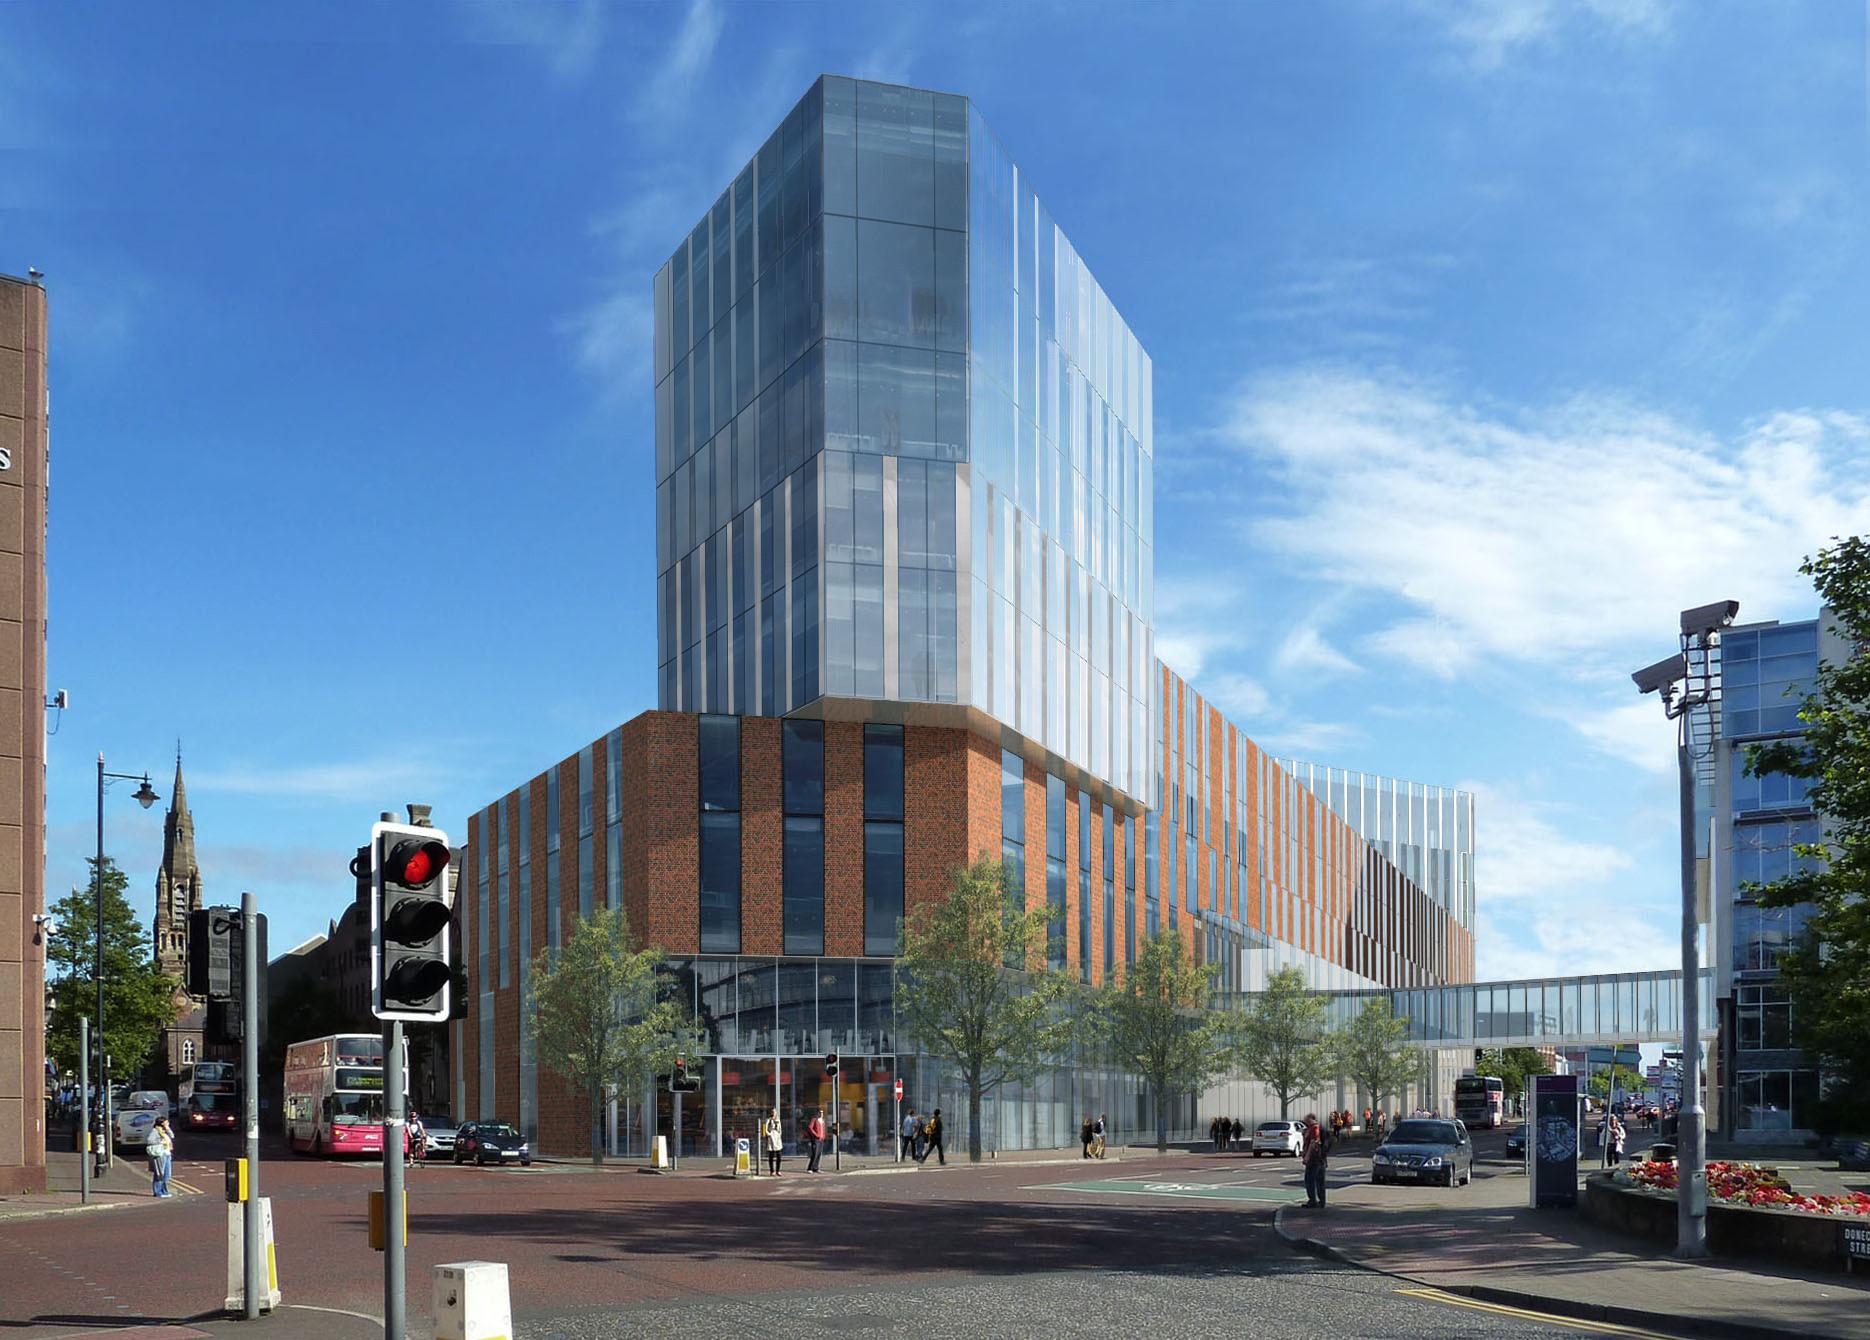 University of Ulster's Belfast City Campus Proposal / Feilden Clegg Bradley Studios, © Feilden Clegg Bradley Studios